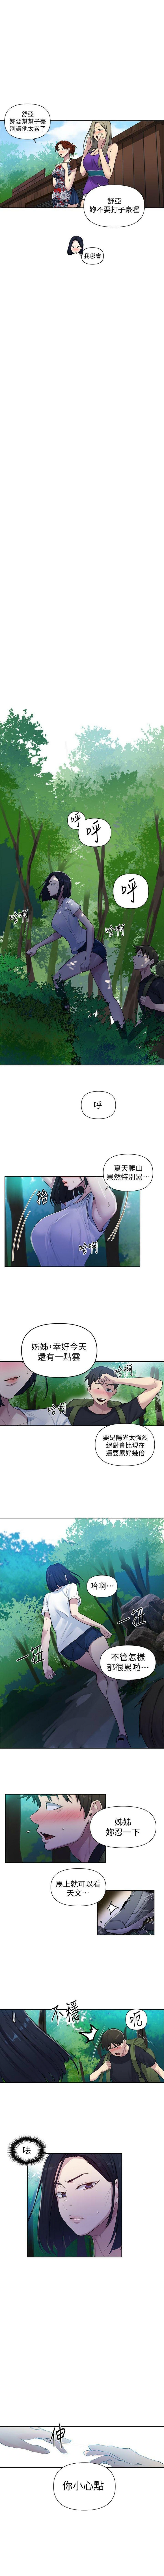 秘密教學  1-69 官方中文(連載中) 518